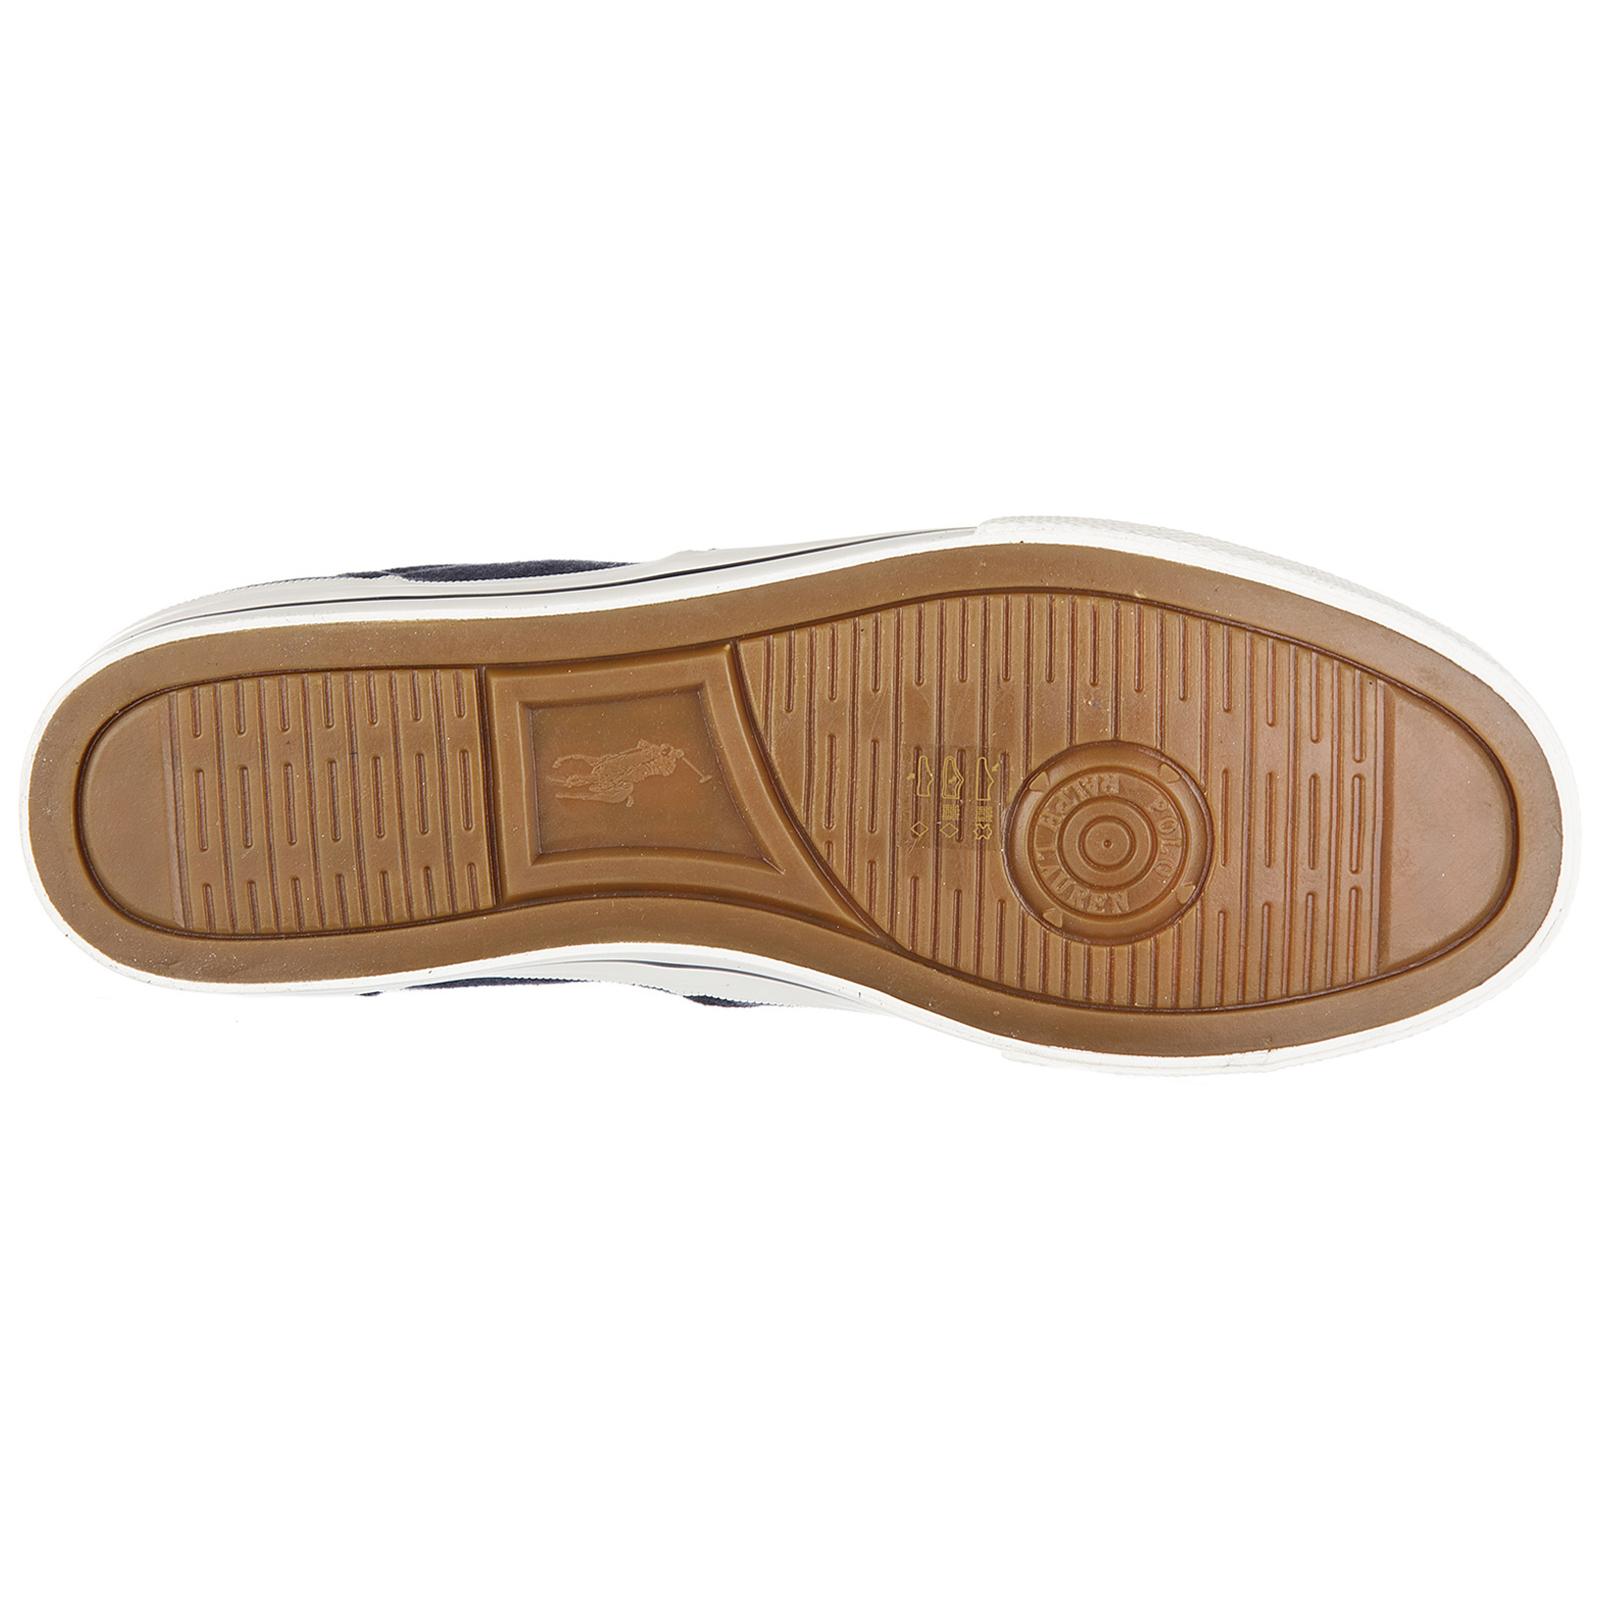 Herrenschuhe herren nylon sneakers schuhe vaughn